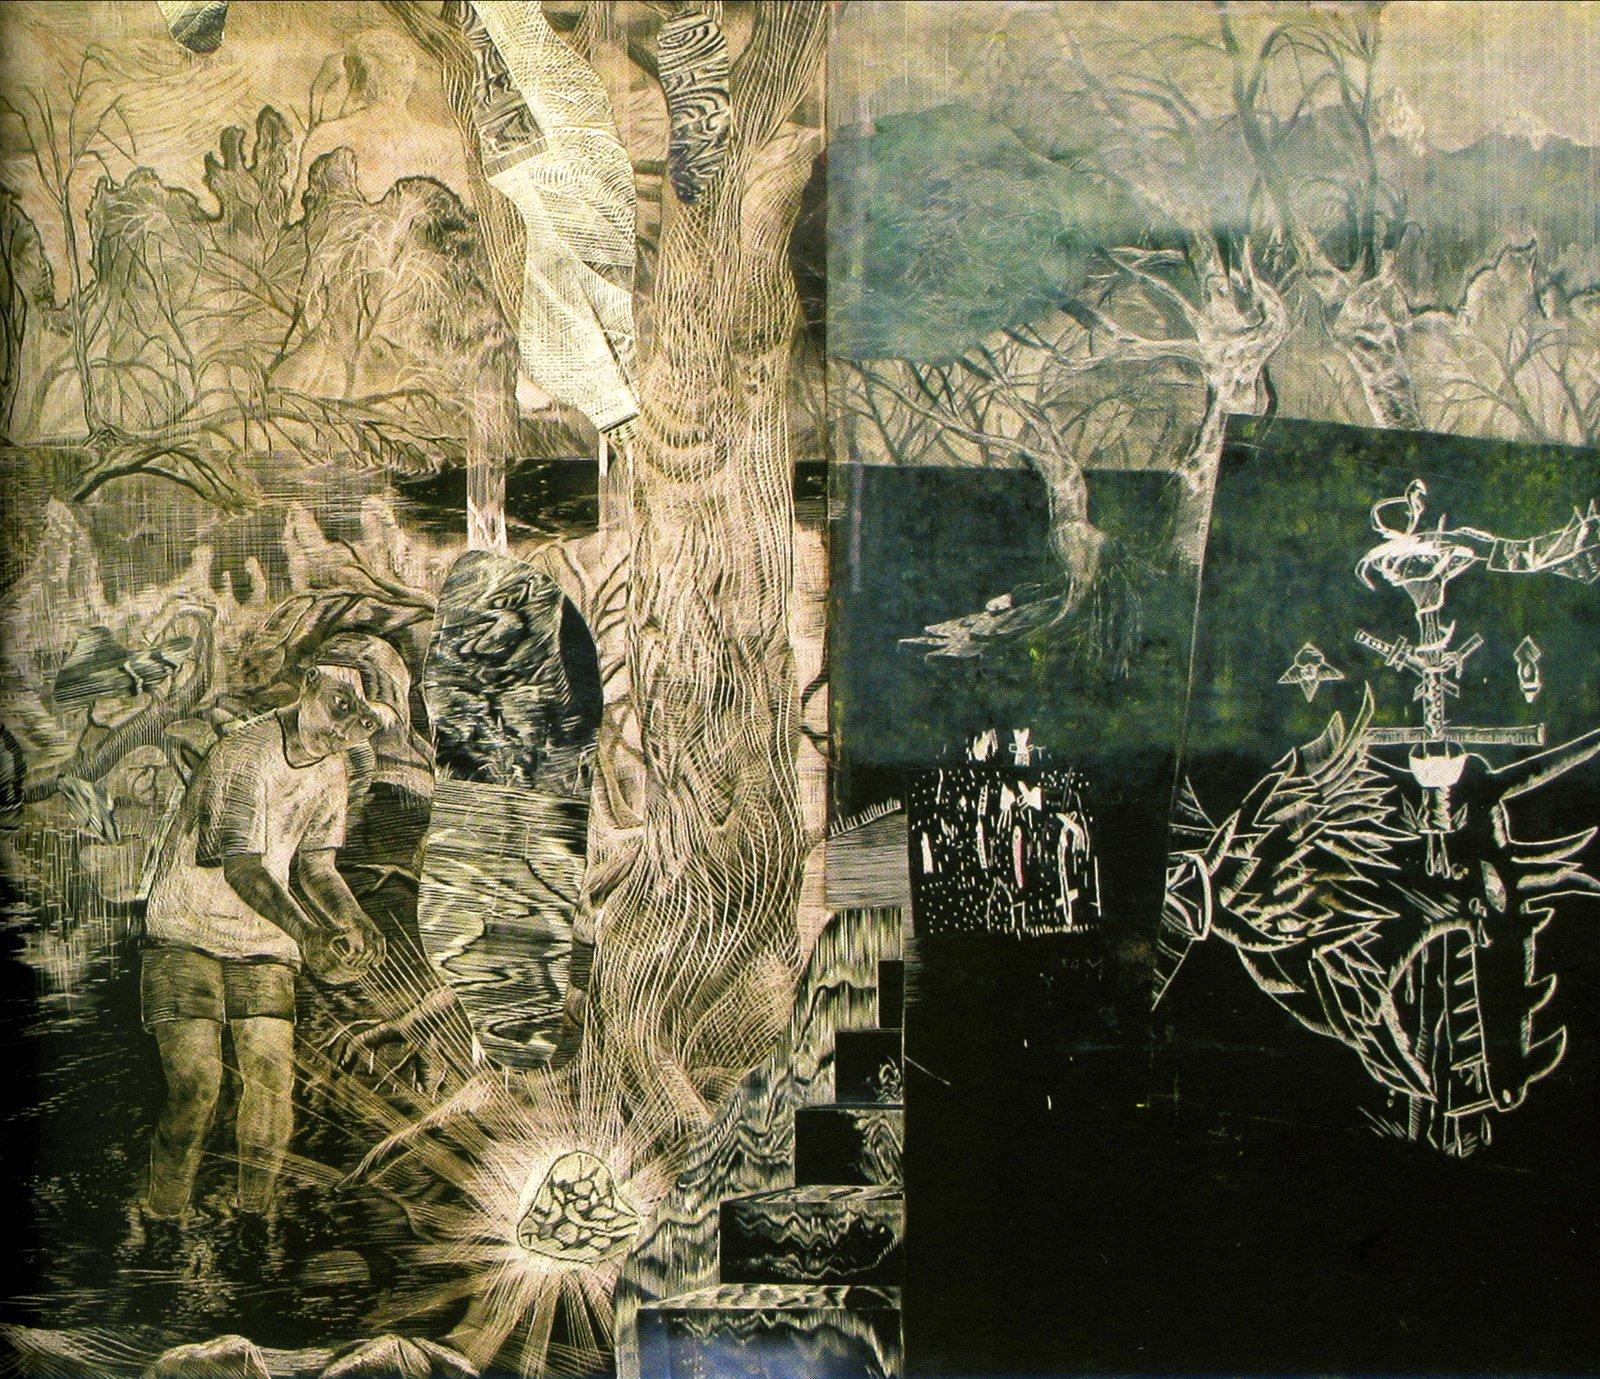 Nová výstava začne tento měsíc v Prostoru. Můžeme se těšit na Jana Vičara a jeho velkoformátové grafiky, jejichž vernisáž doplní výkladem o své tvorbě a technice.